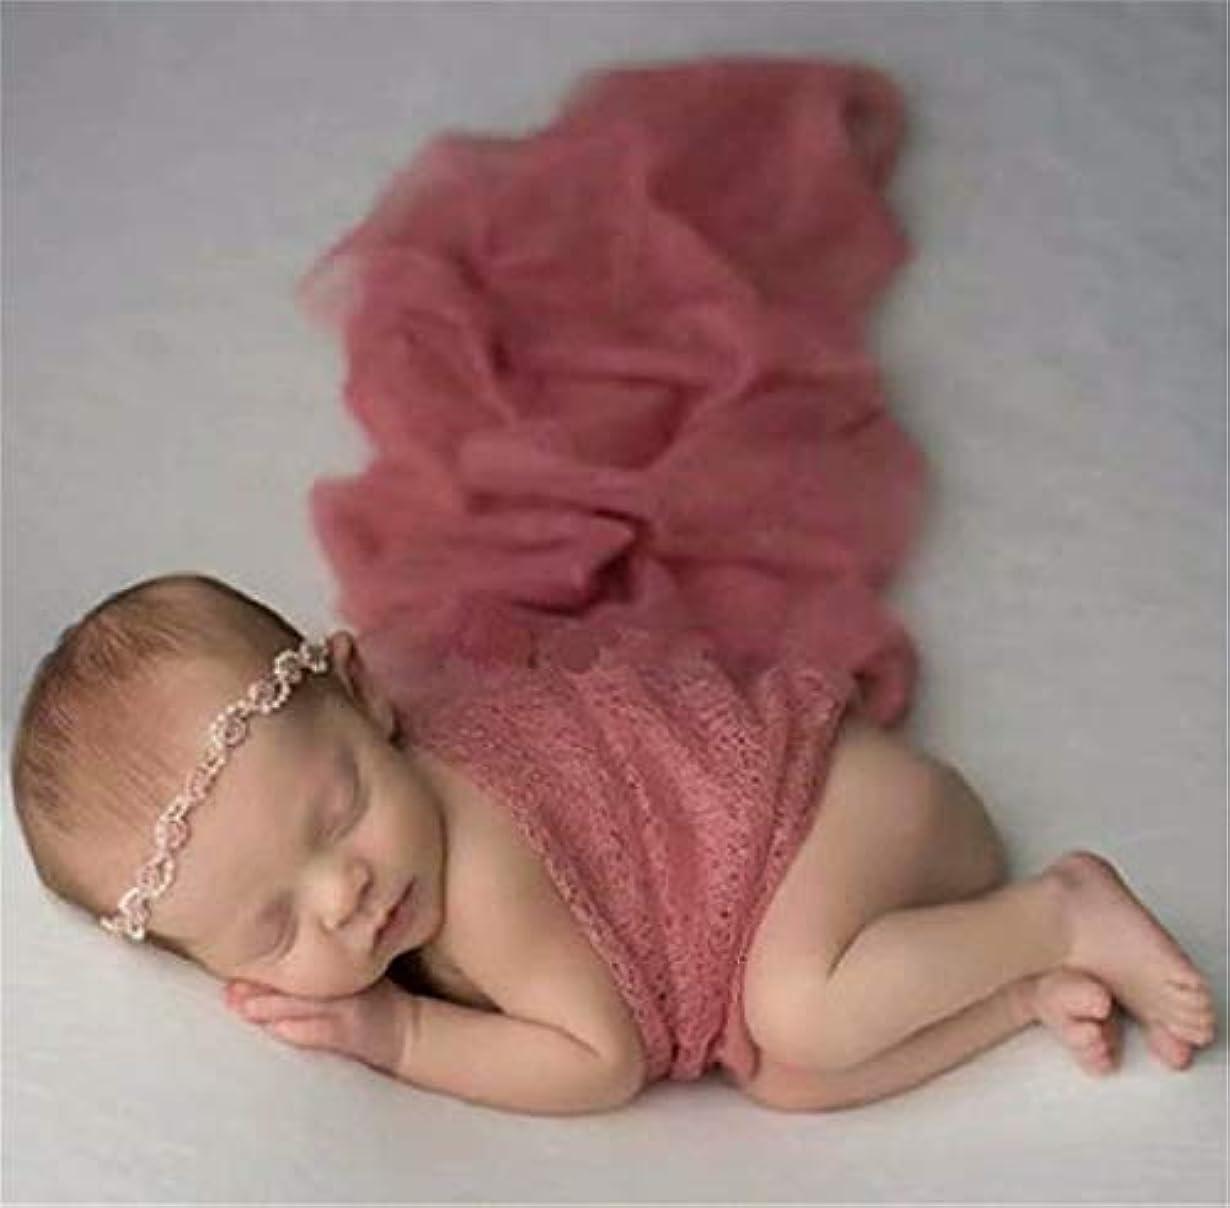 失われた砲撃キャメル七里の香 生まれたばかりの赤ちゃんの写真の衣装 赤ちゃんの男の子の女の子の写真撮影のための新生児の写真の小道具毛布のたたきレースのラップ 赤ちゃん用